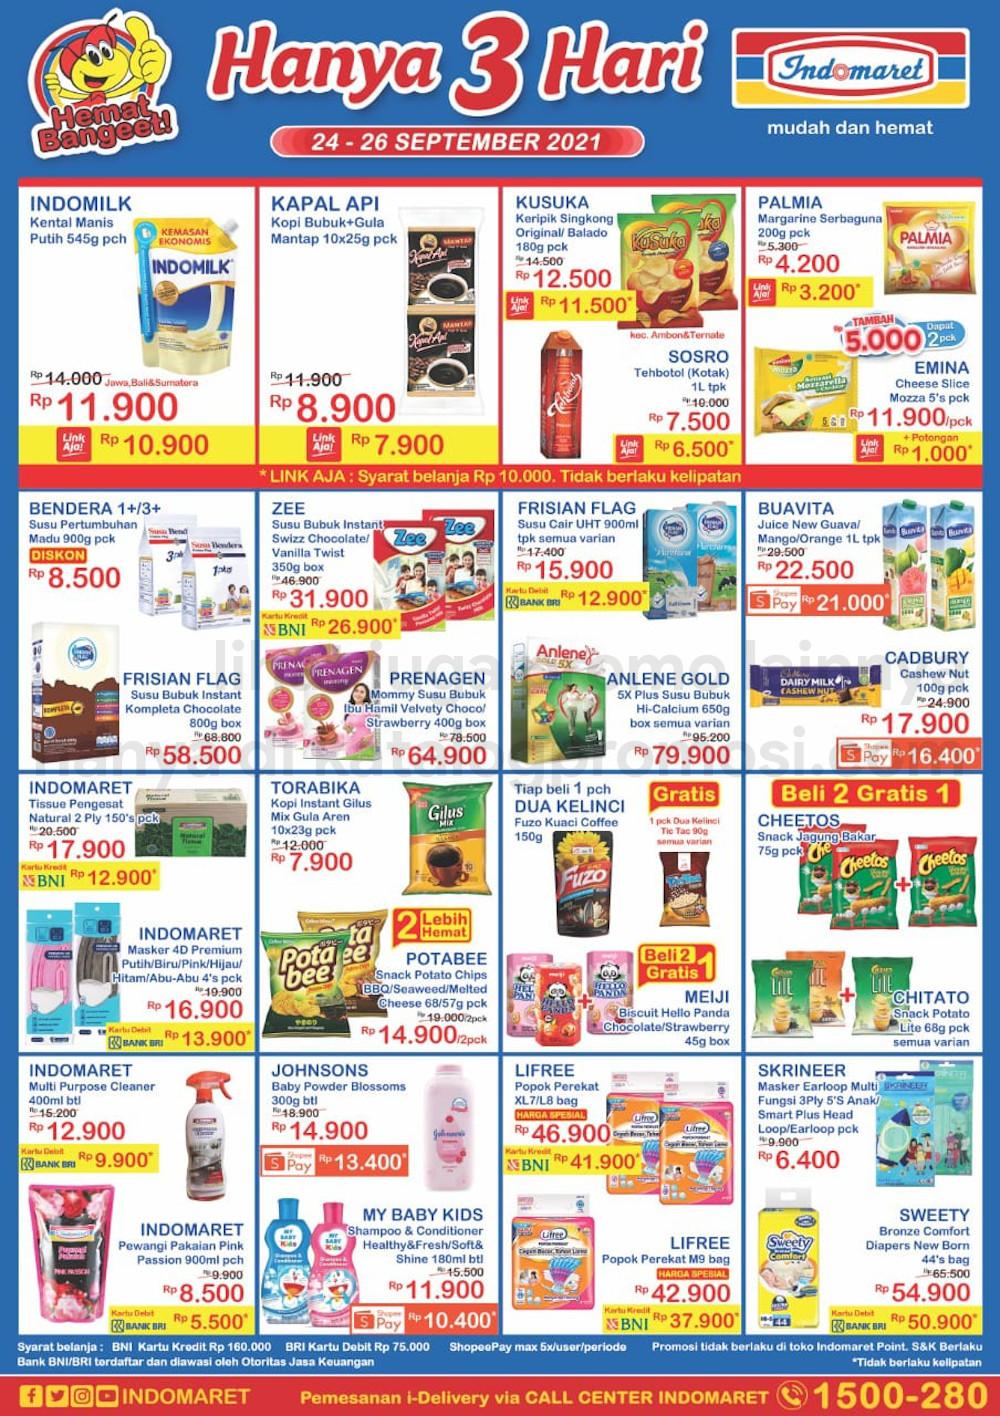 Promo INDOMARET JSM Katalog Weekend periode 24-26 September 2021